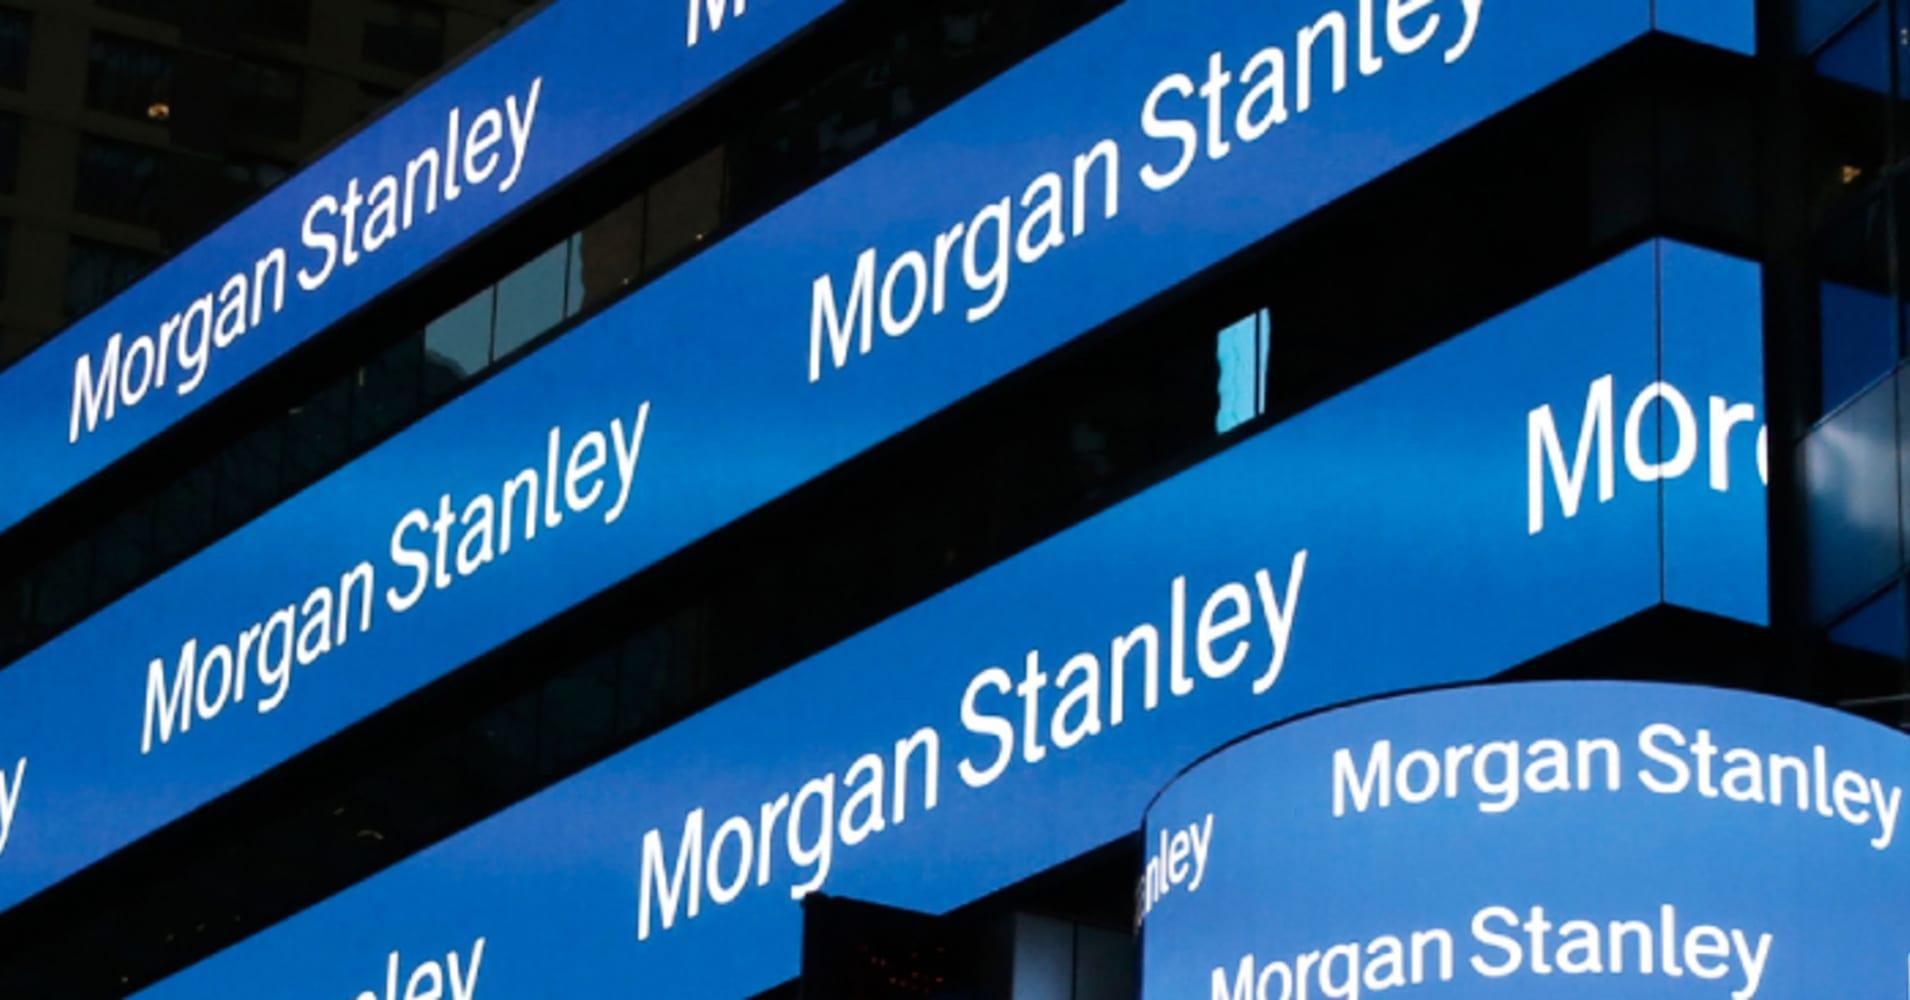 Morgan Stanley Accused In Lawsuit Of Mismanaging Its 401 K